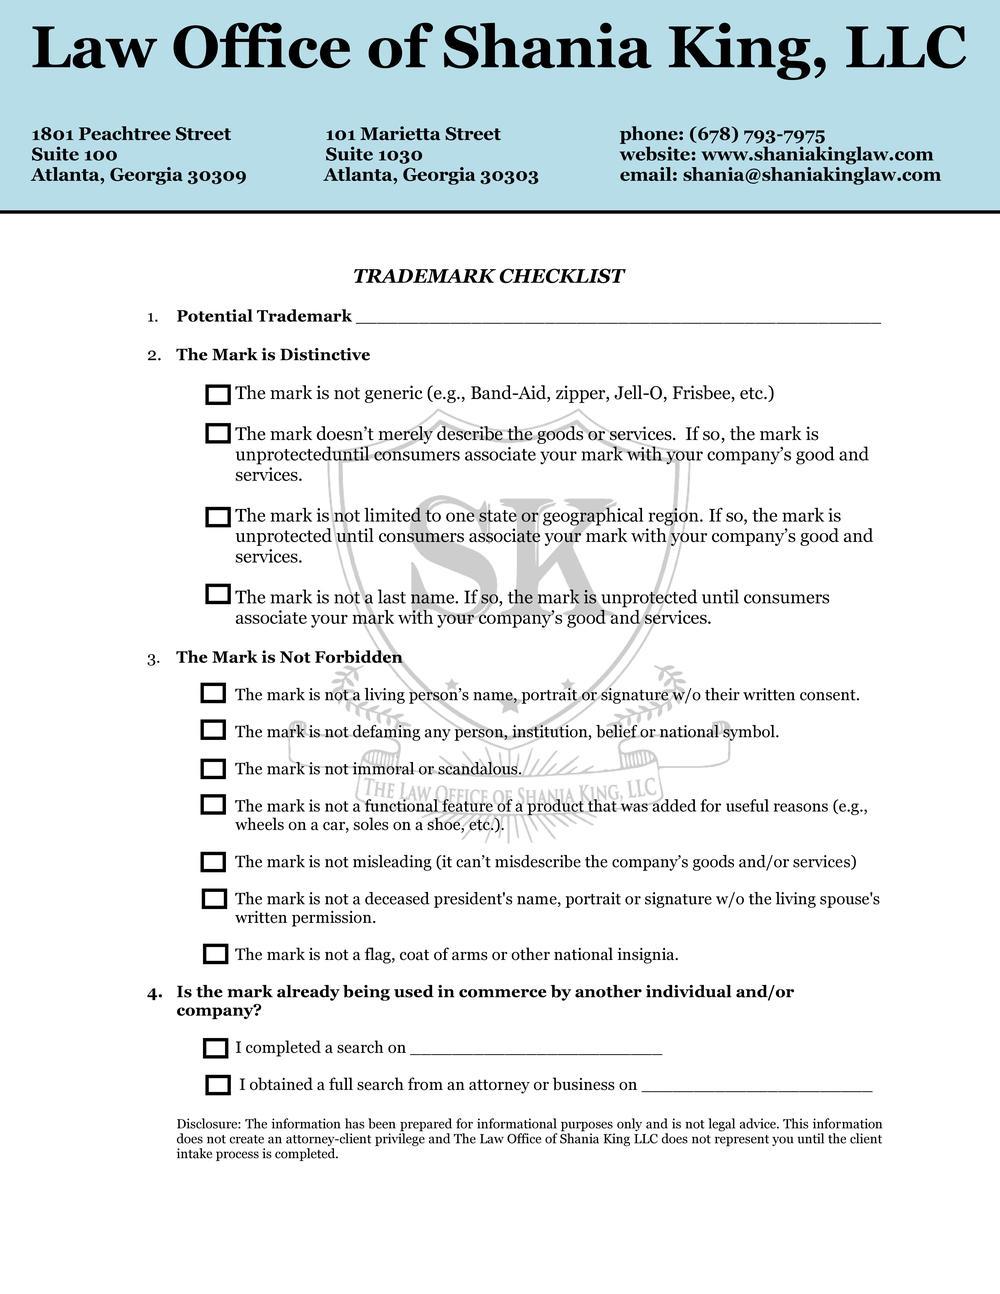 Trademark Checklist.jpg